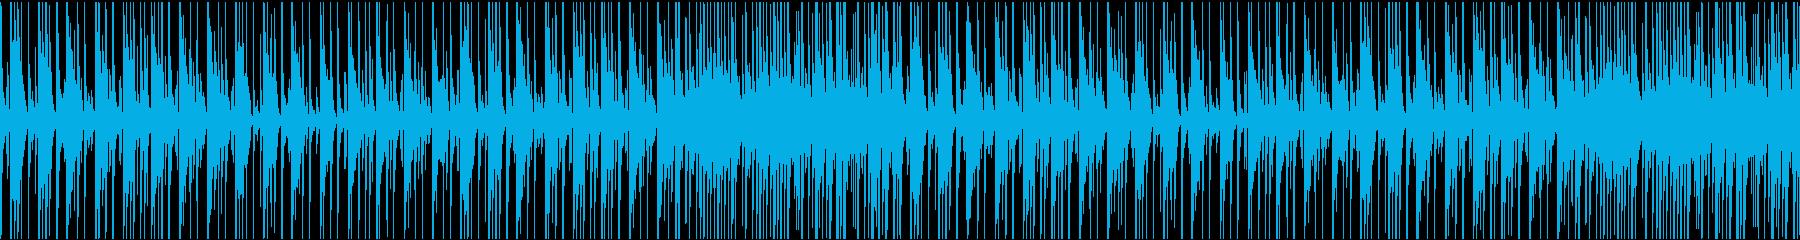 ワールド 民族 トロピカル ポジテ...の再生済みの波形